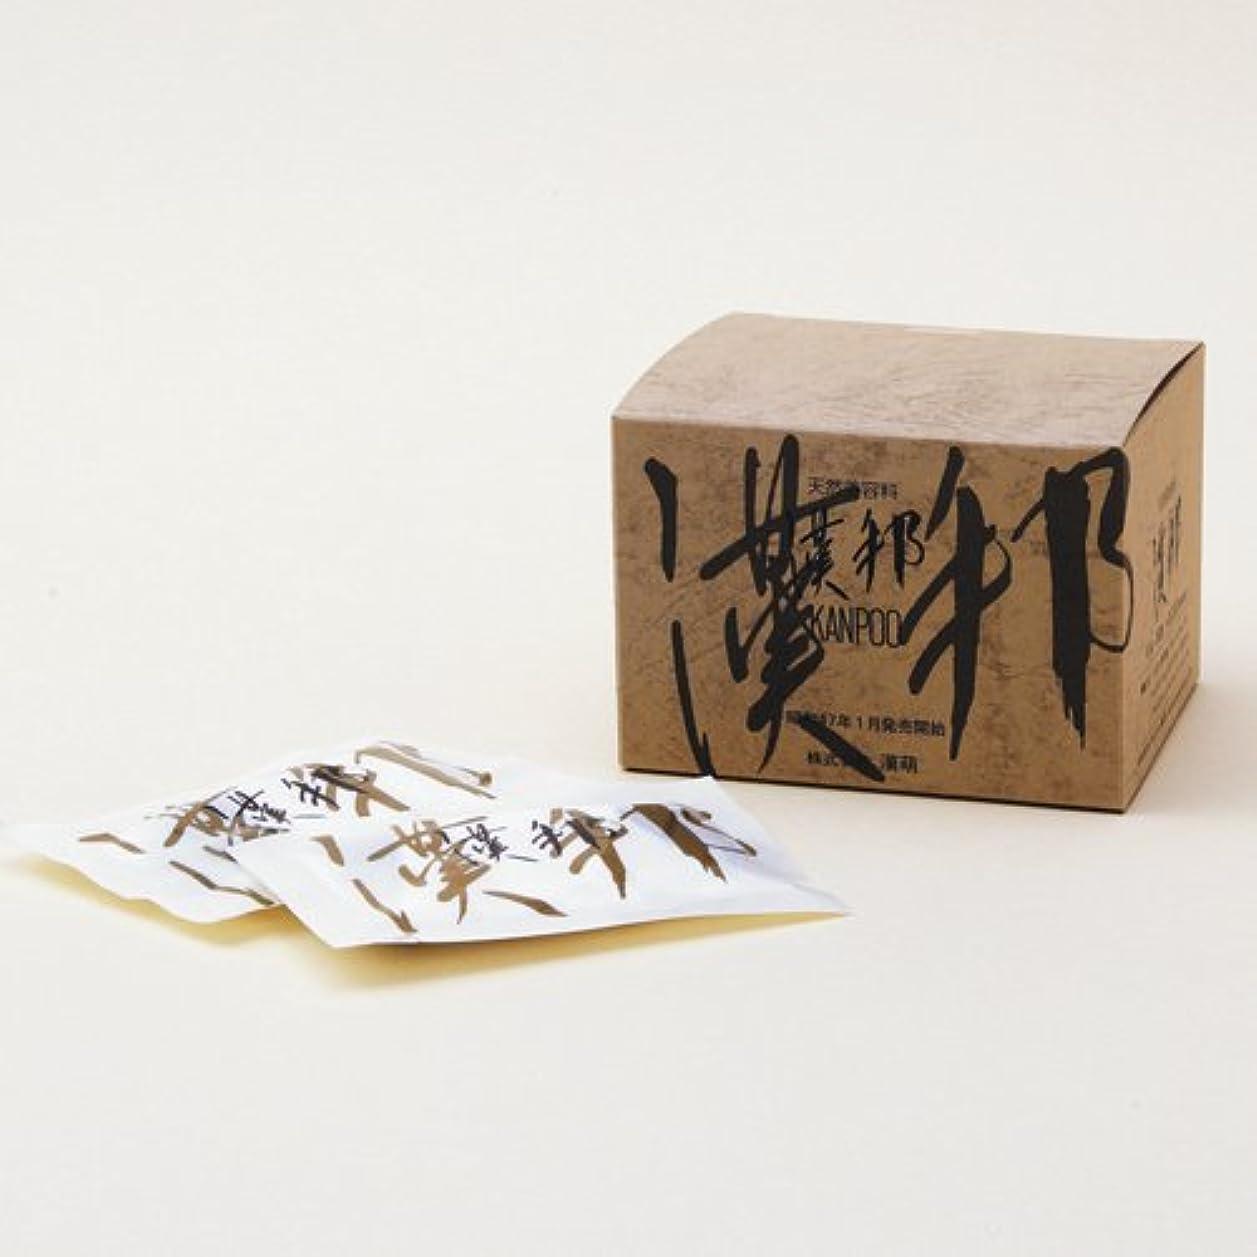 放棄された左移植漢萌(KANPOO) 漢邦ぬか袋(全肌活肌料) 熟成12年 10g×16袋